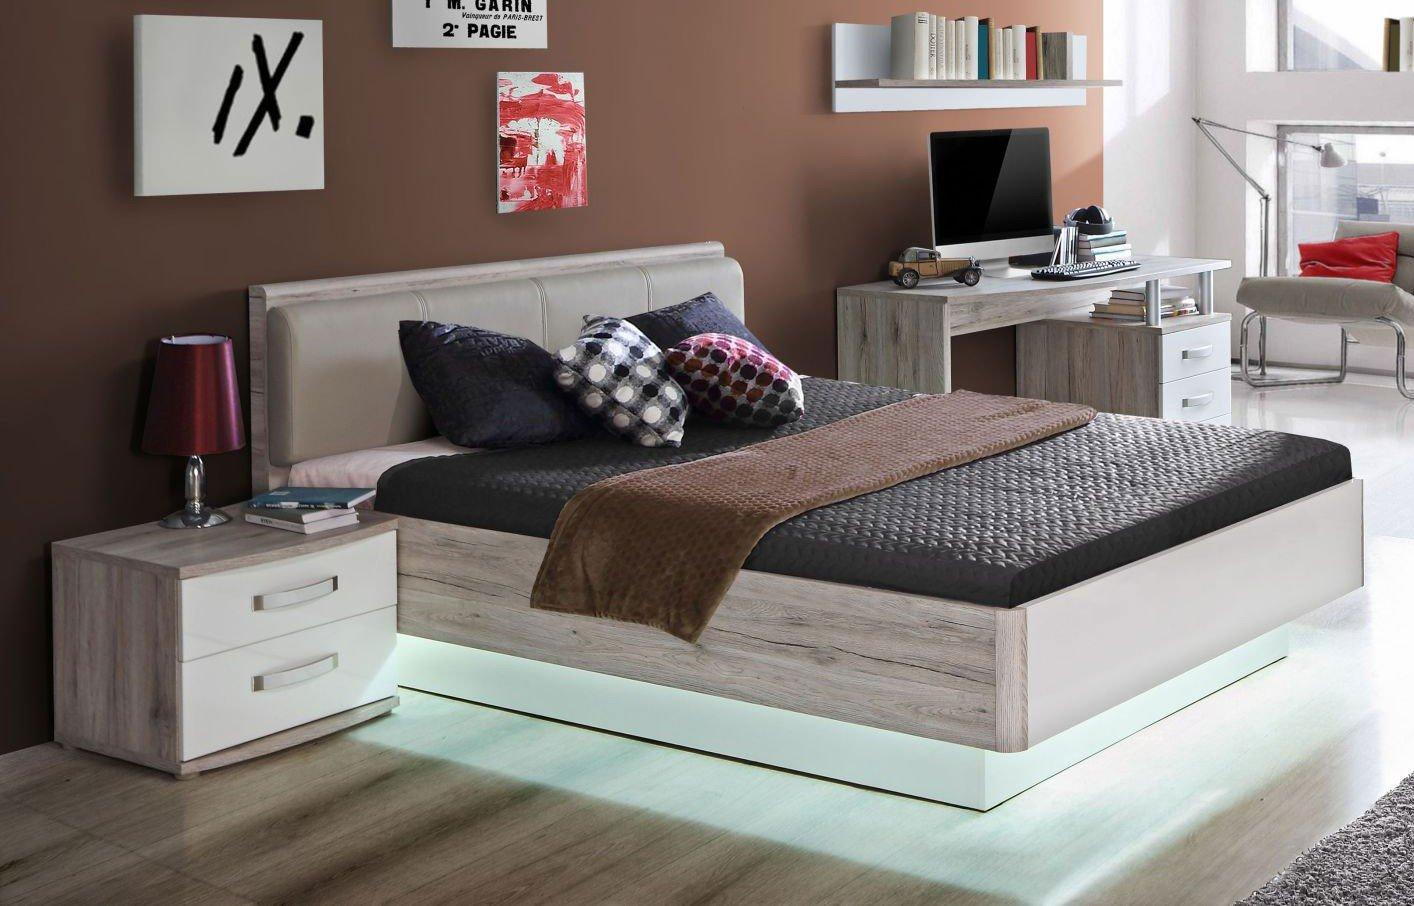 Full Size of Rondino Bett 140 200 Cm Sandeiche Nachbildung Hochglanz Wei Balken Modernes 180x200 Rausfallschutz Konfigurieren Platzsparend Japanisches Wasser Ruf Betten Bett 140x200 Bett